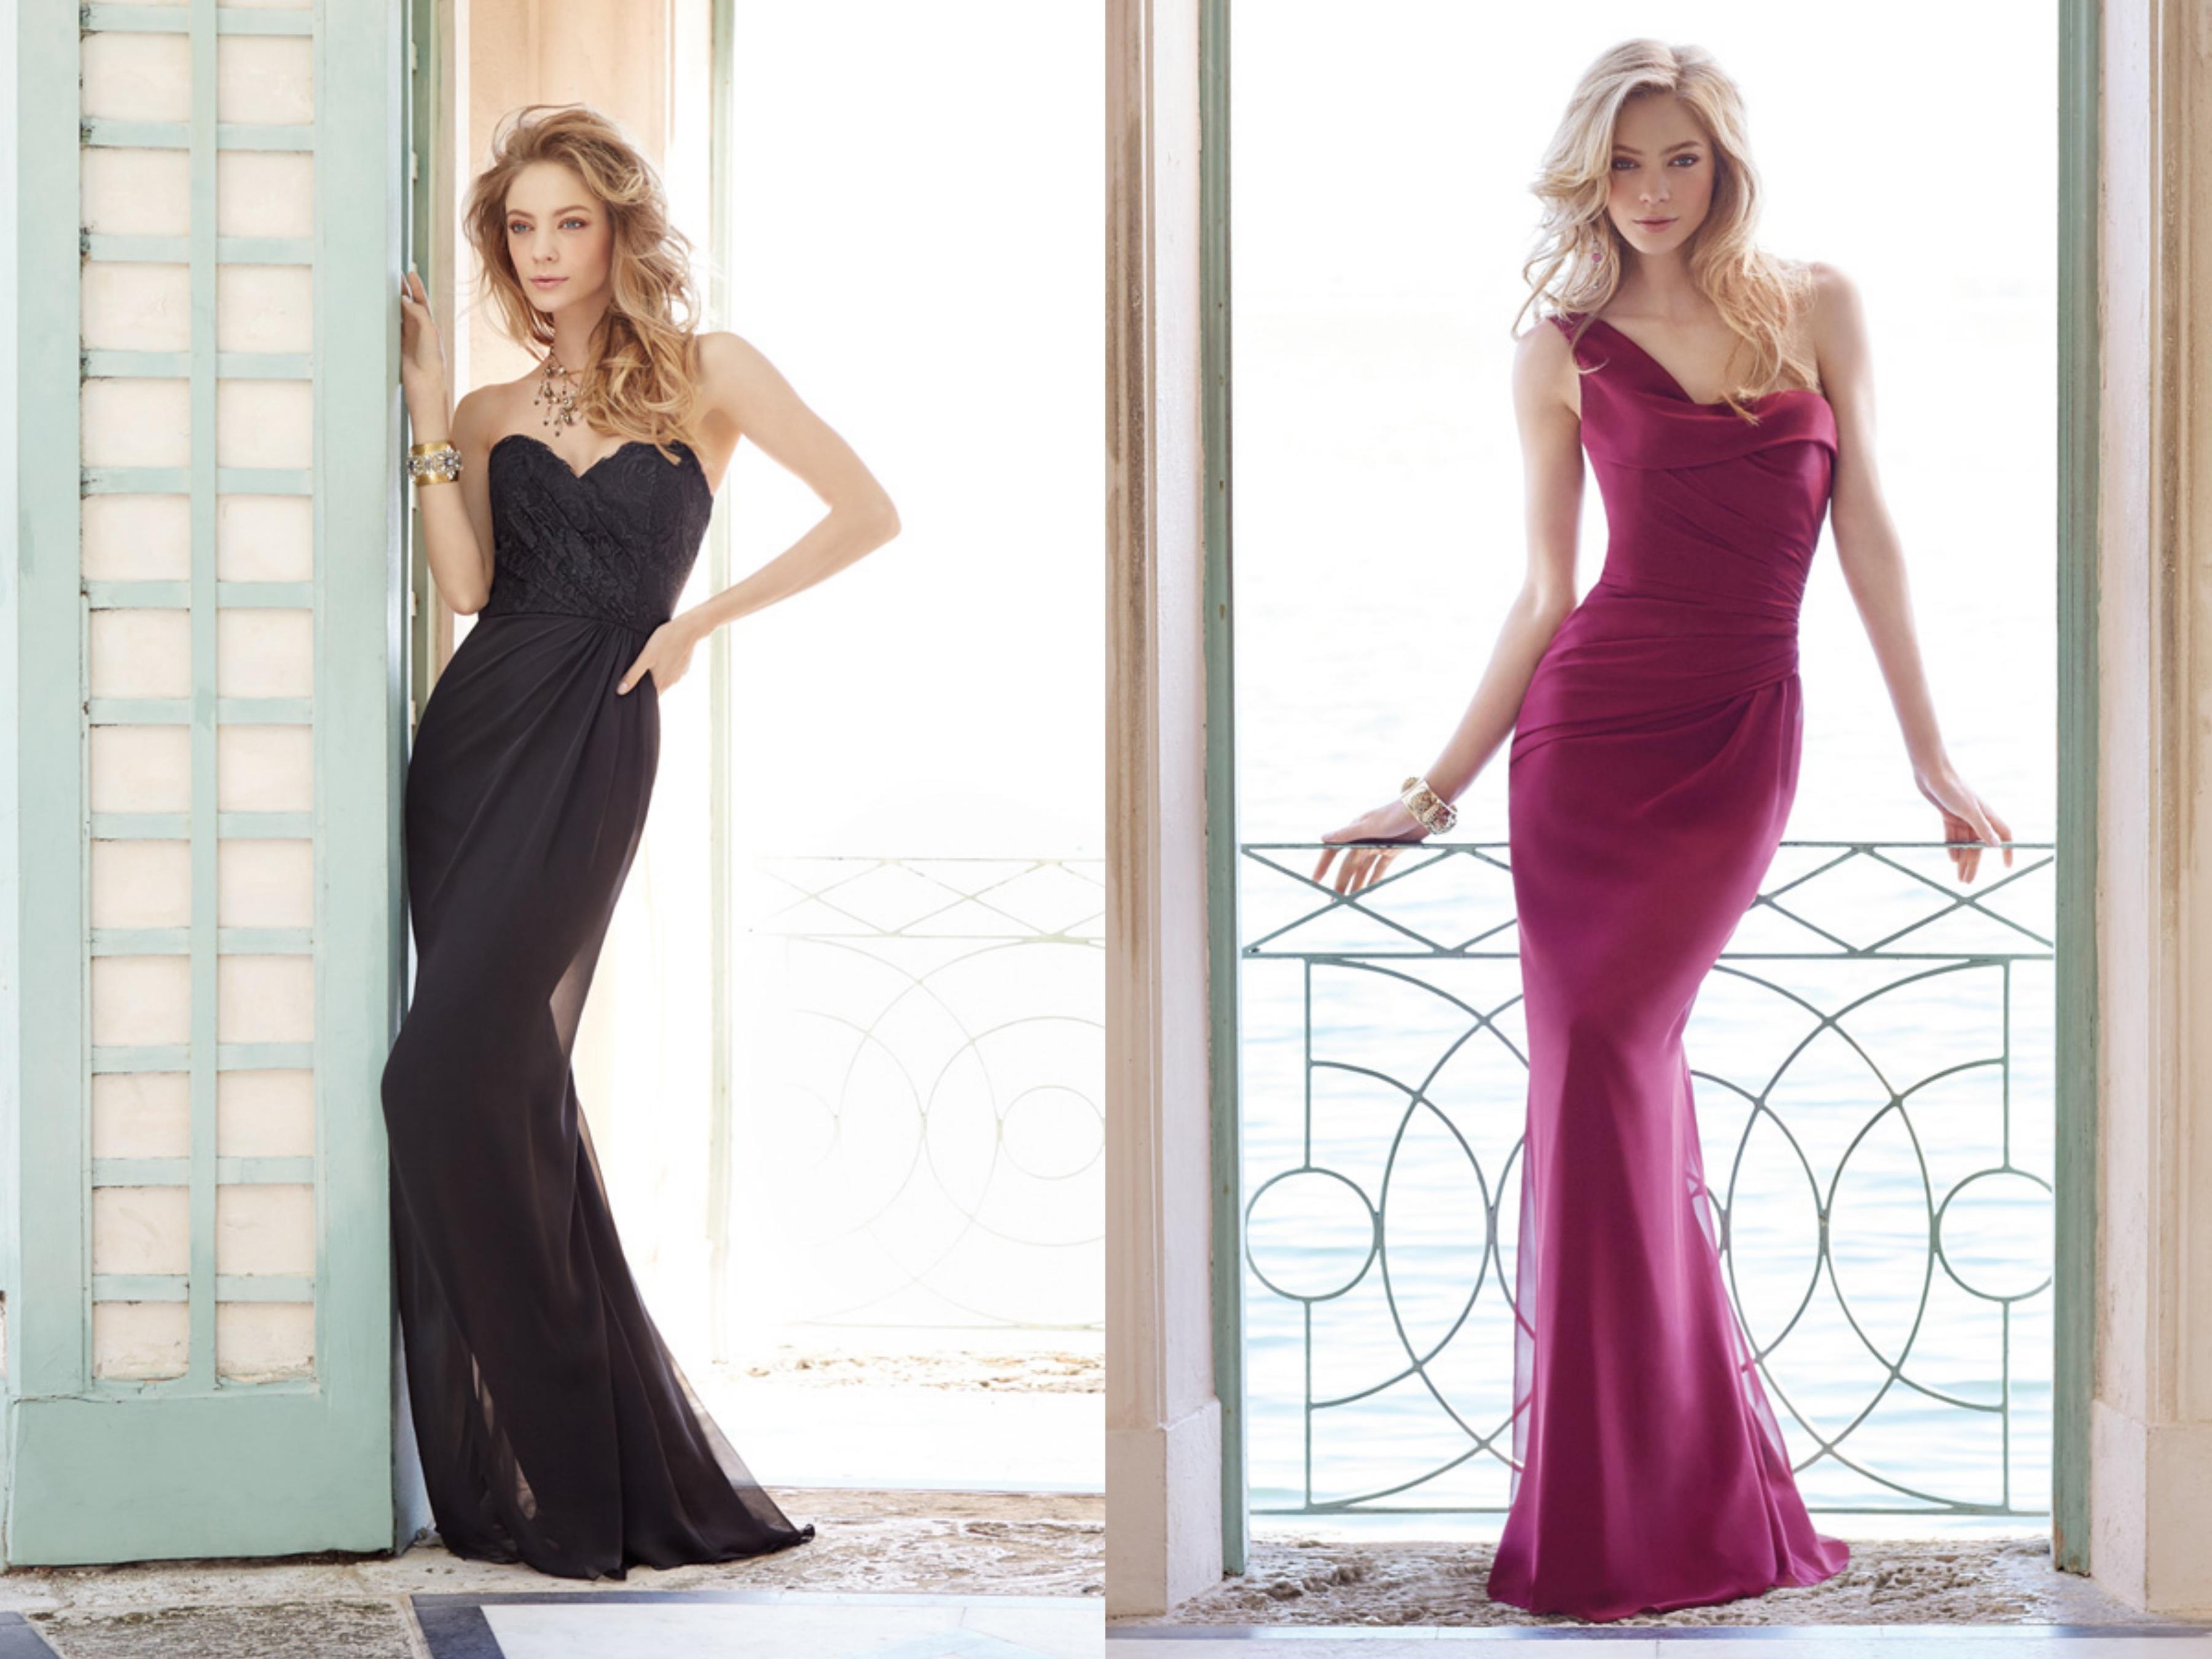 Special occassion dresses 3 www.daughterofeveboutique.com